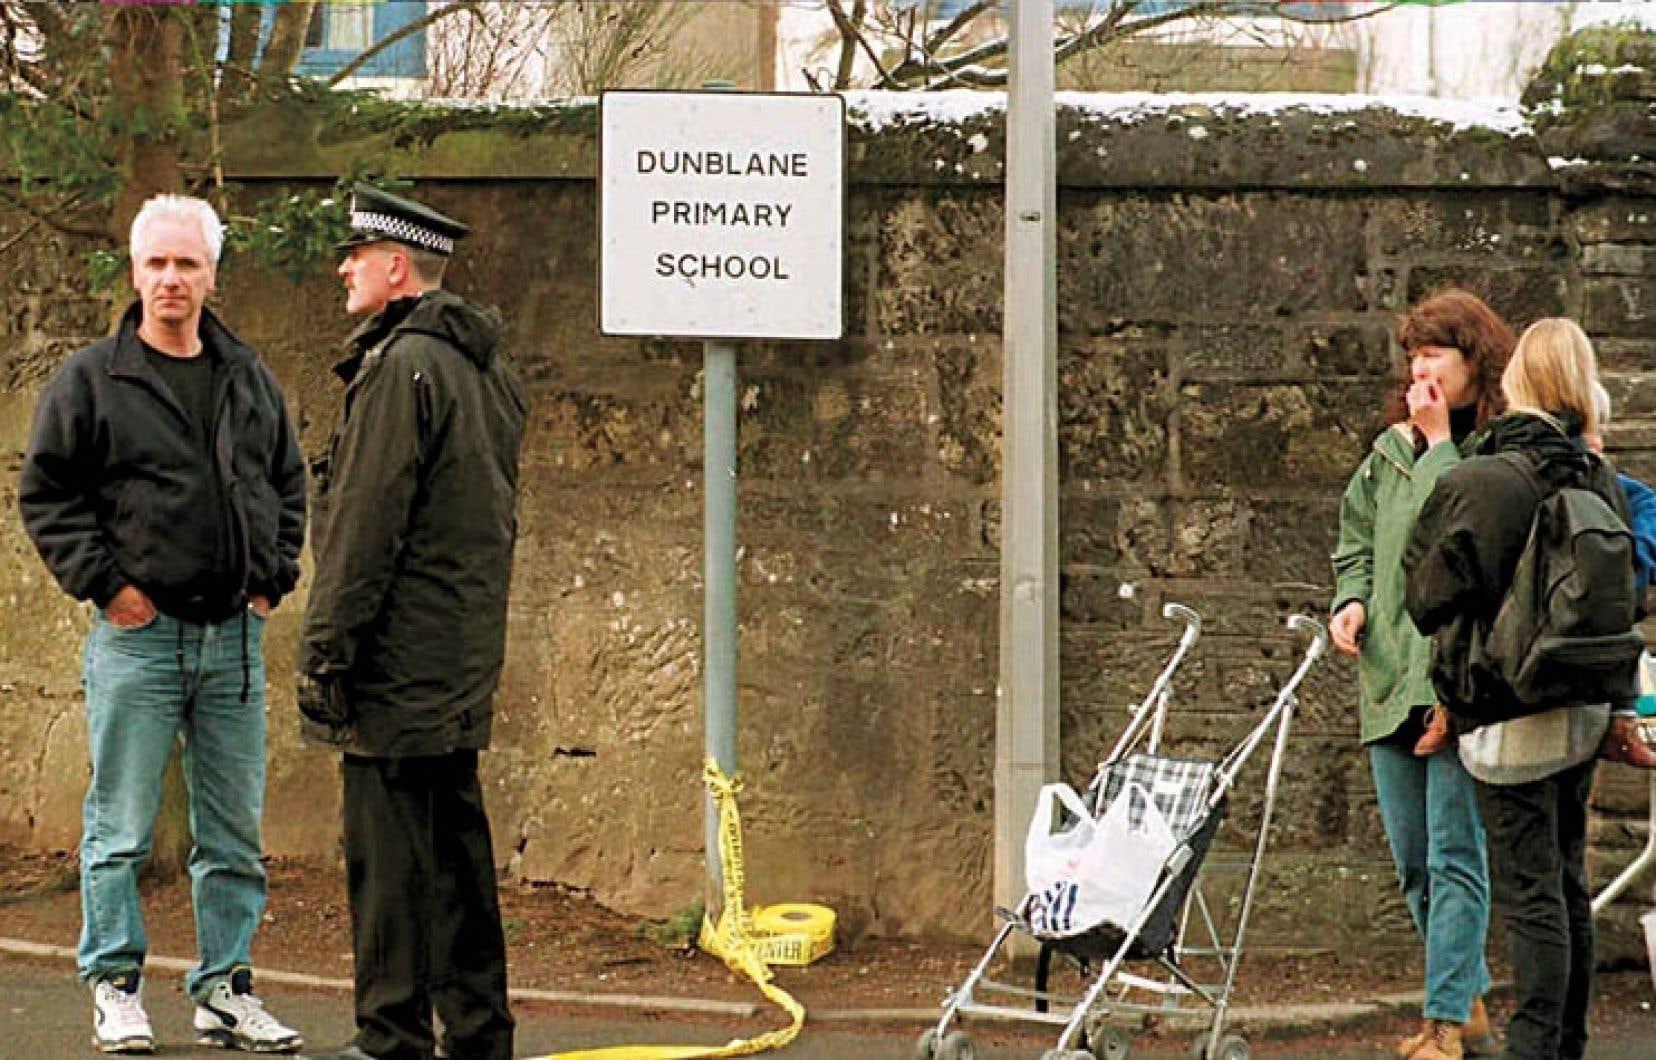 Un petit groupe de résidants de Dunblane, en Écosse, à l'entrée de l'école primaire où a eu lieu la tragédie qui a fait 15 morts en 1997.